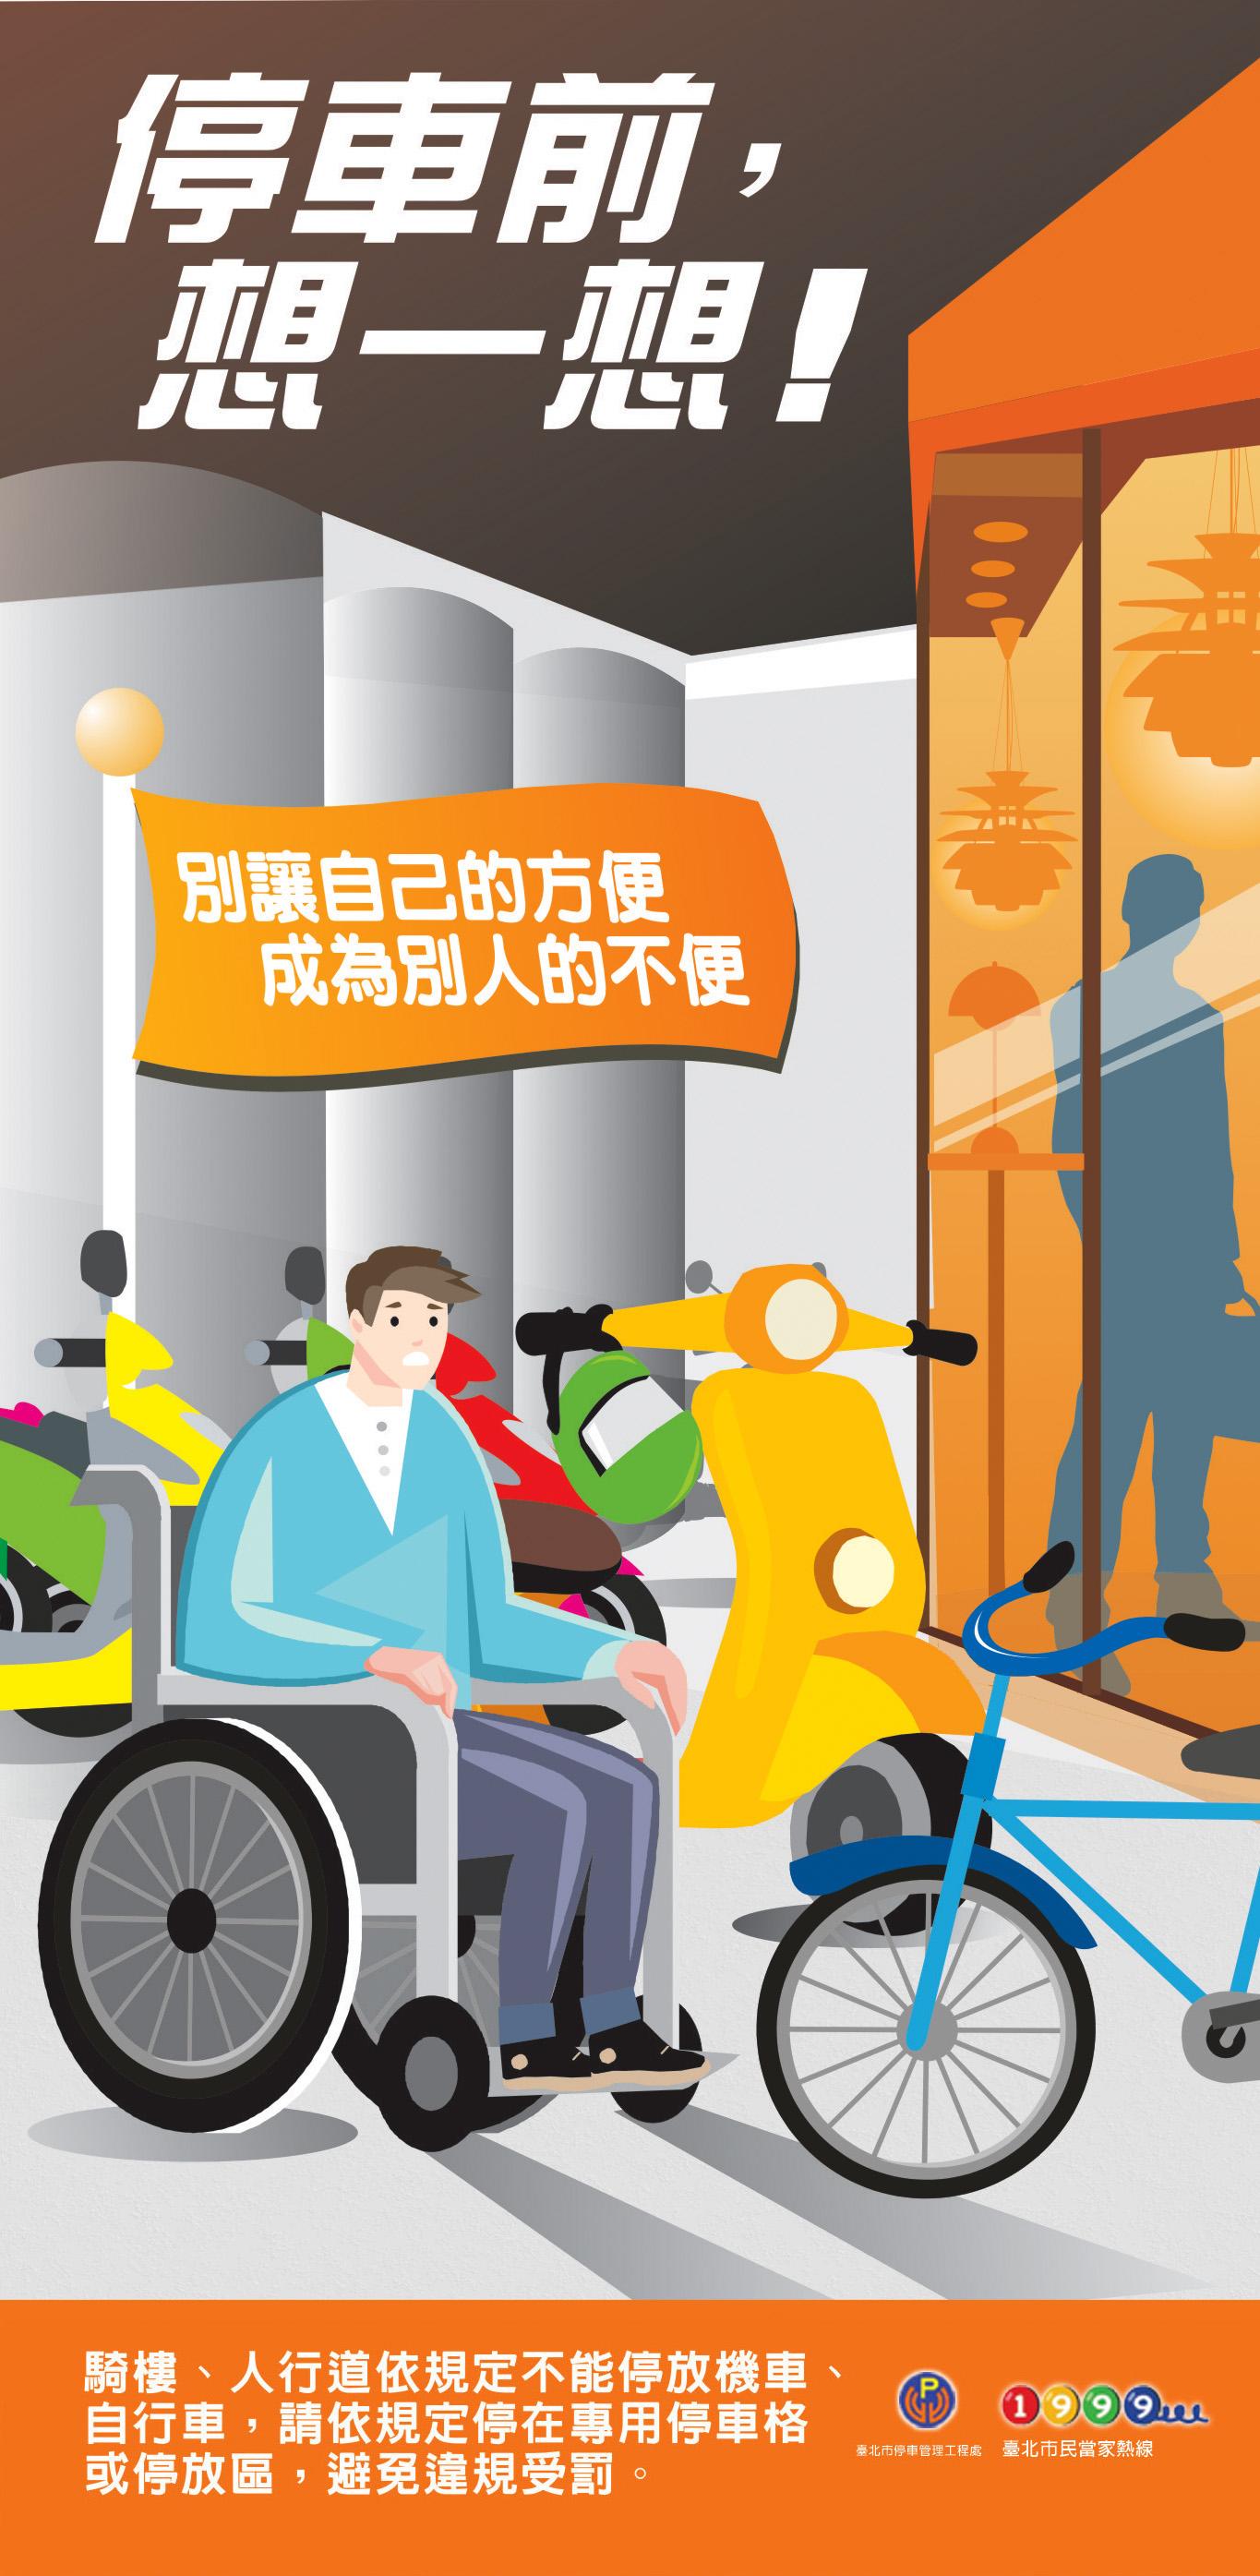 機車退出騎樓、人行道-海報_圖片1(另開視窗)